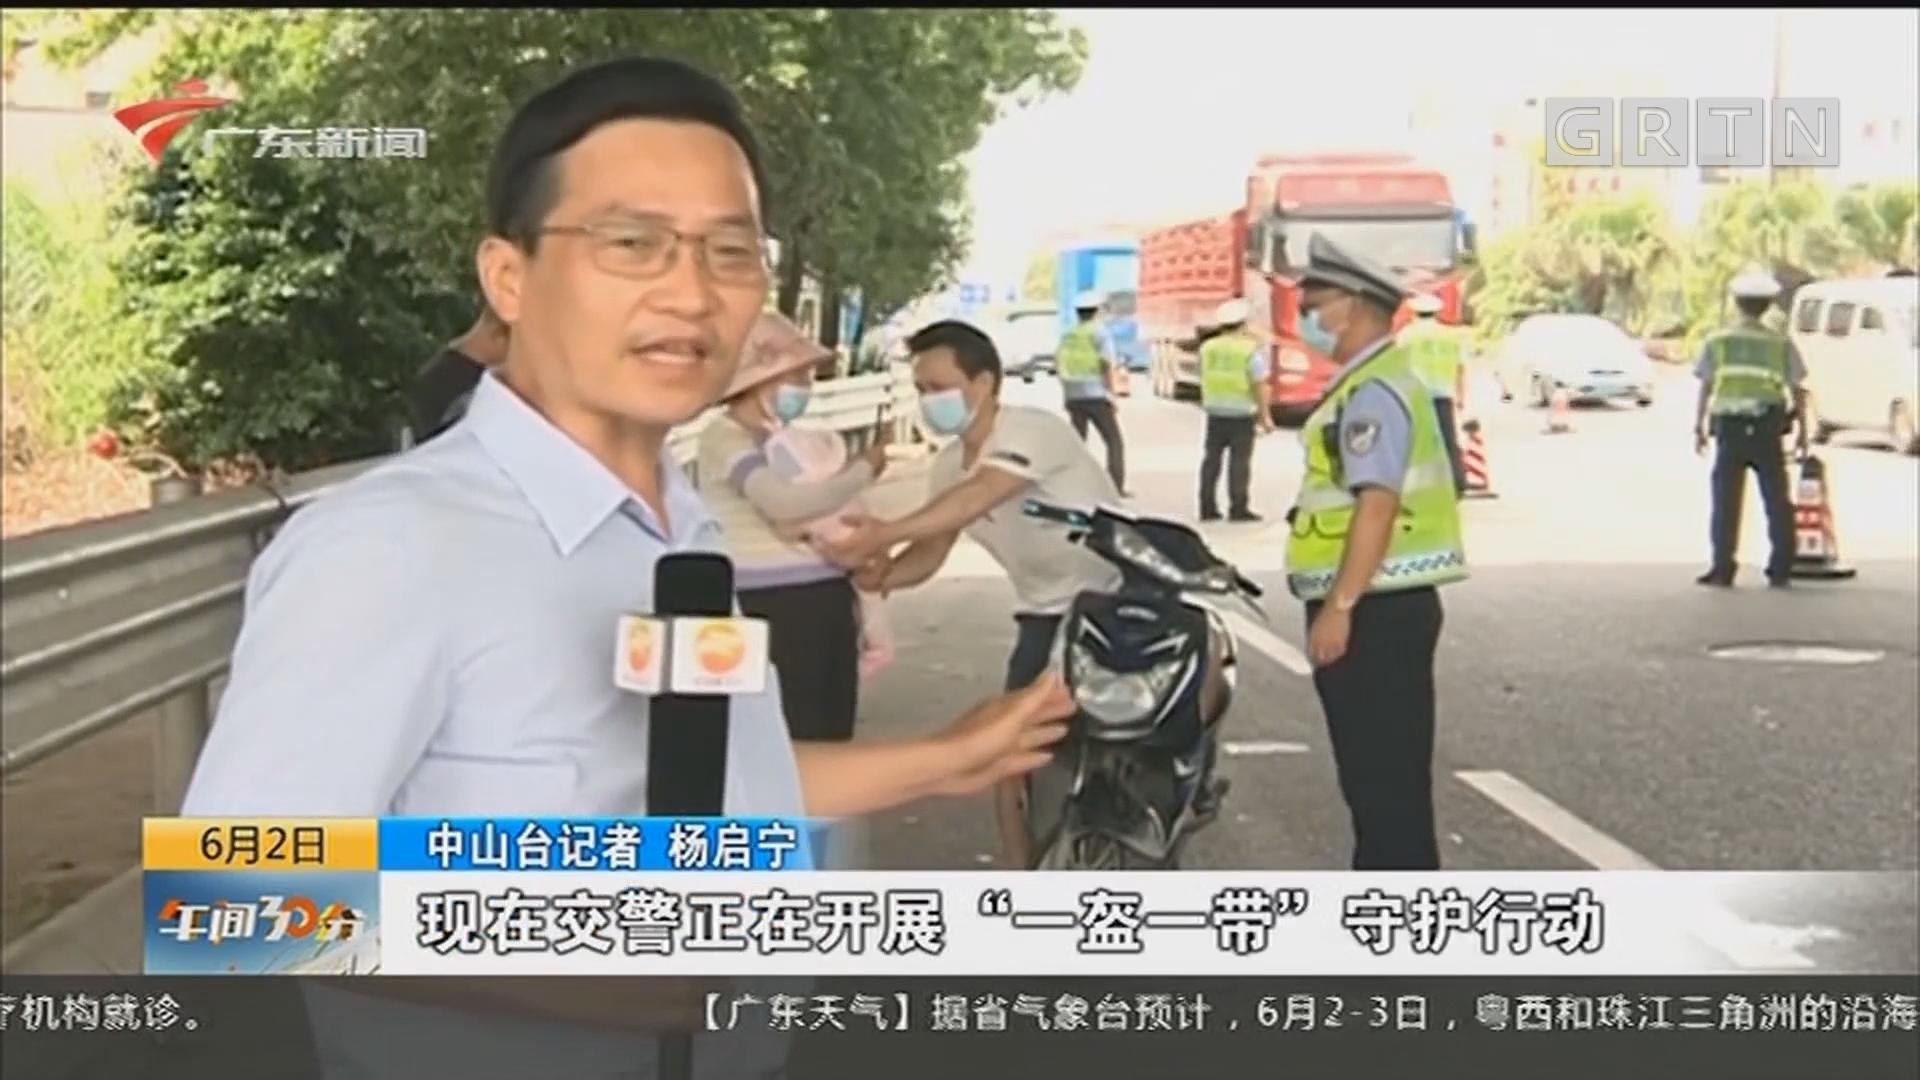 """全国开展""""一盔一带""""安全守护行动:不系安全带 不戴头盔的将会被处罚"""